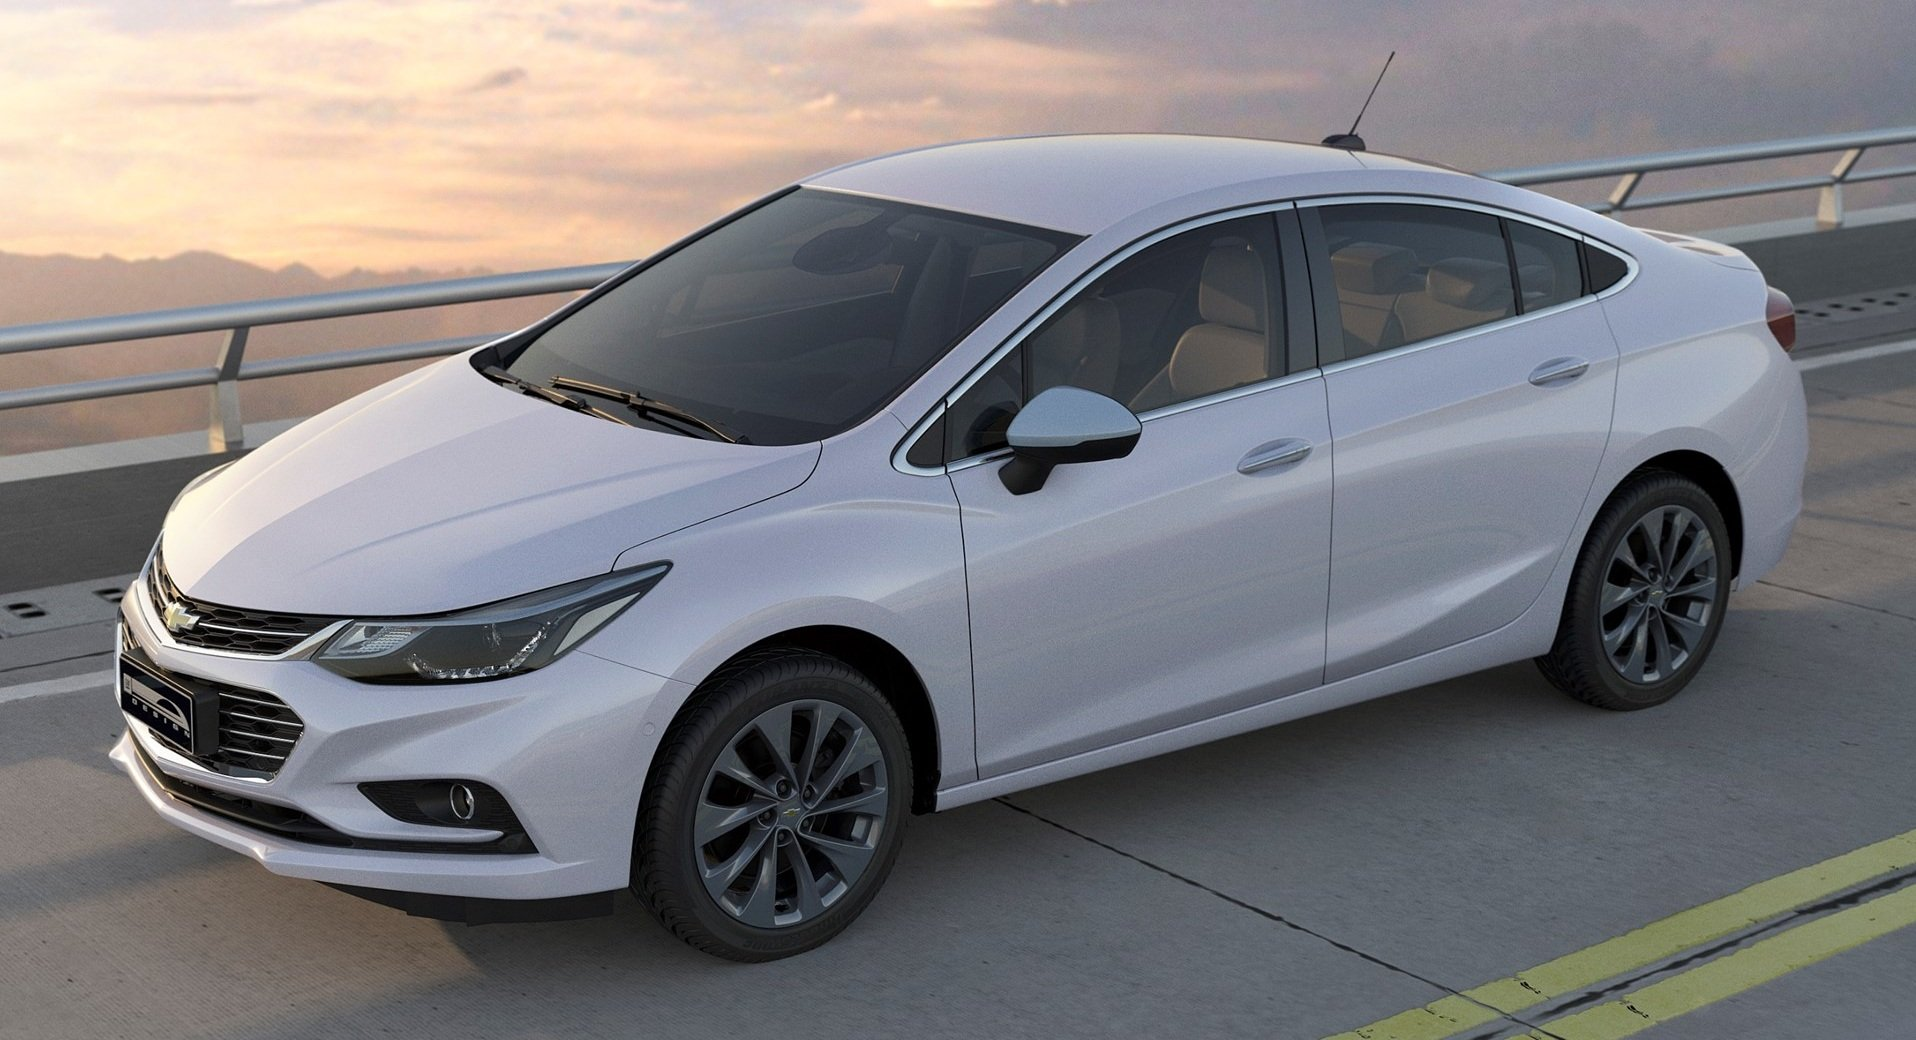 Novo Chevrolet Cruze 2017 é o carro com motor Turbo mais vendido do Brasil